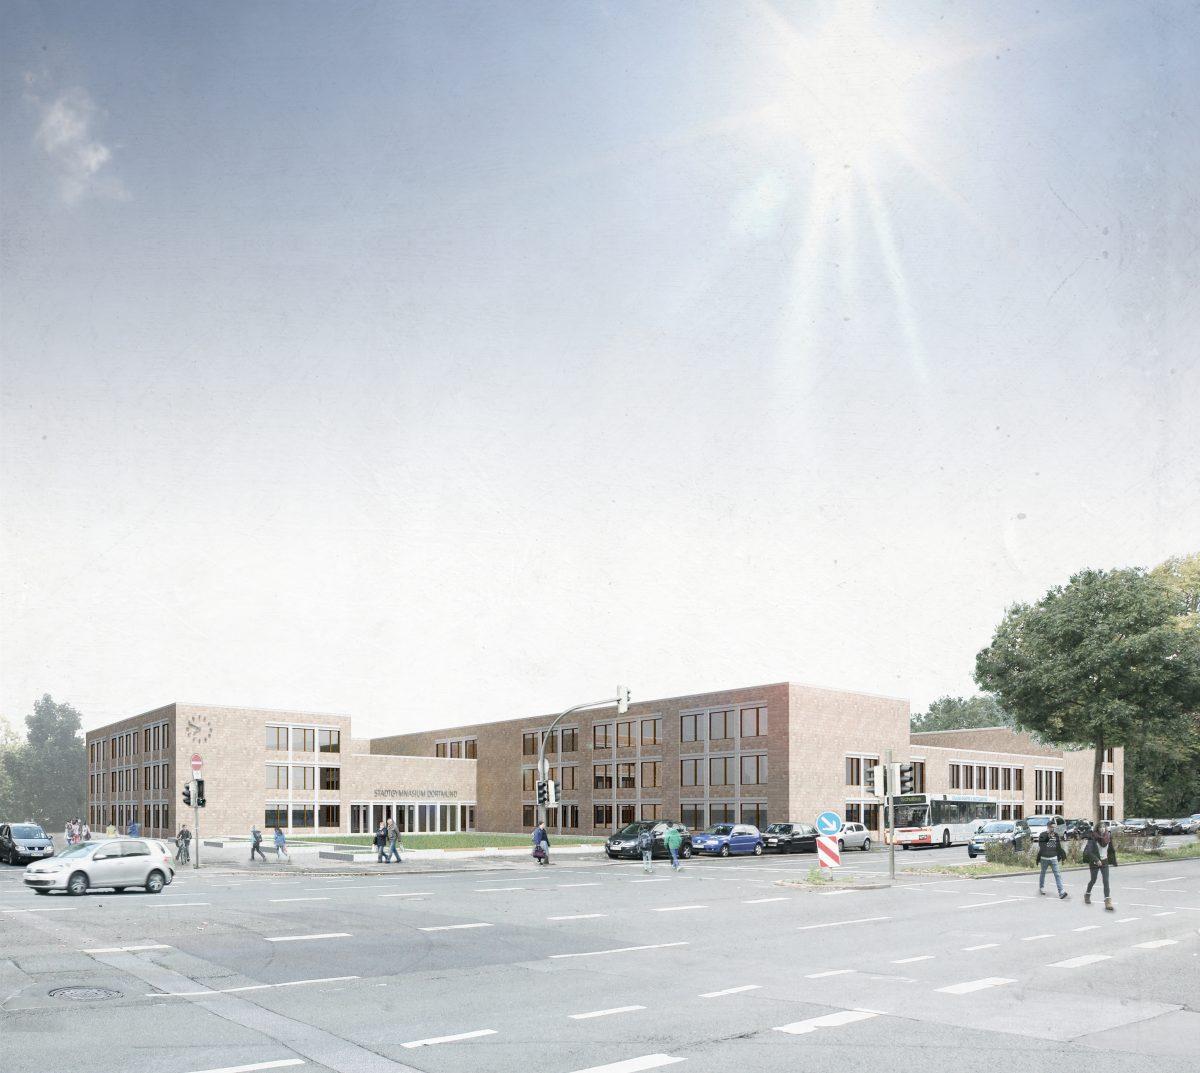 Stadtgymnasium in Dortmund am Heiligen Weg von Saskja Jagenteufel